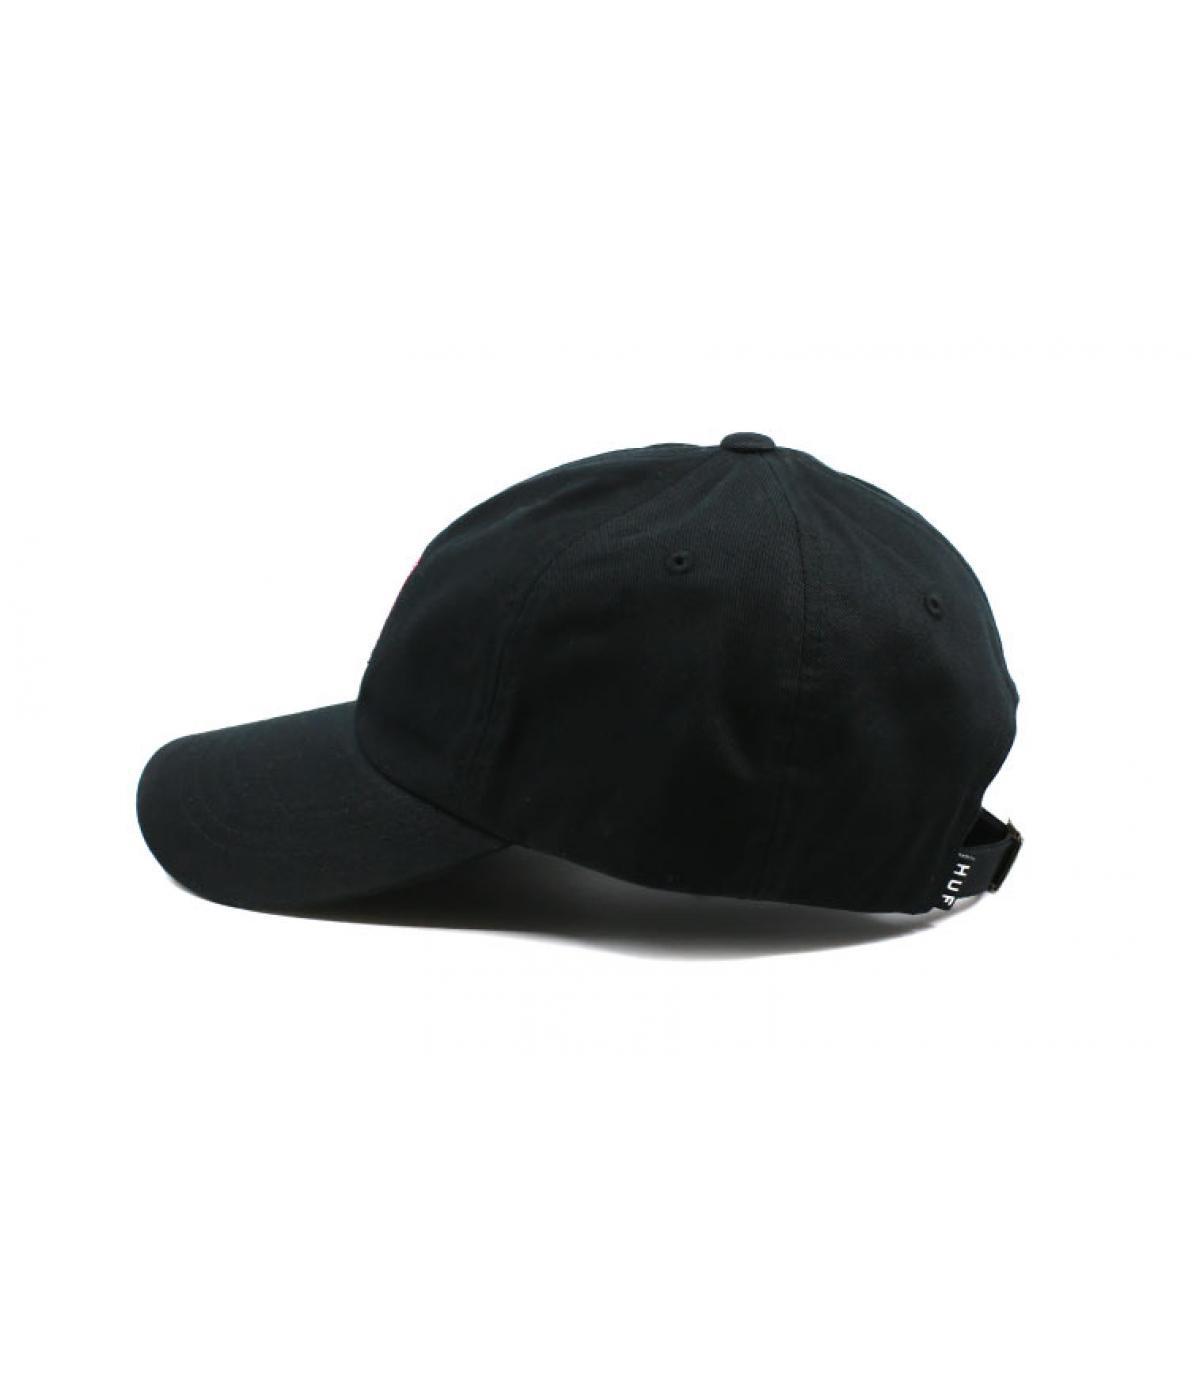 Details Curve Sedona black - afbeeling 4